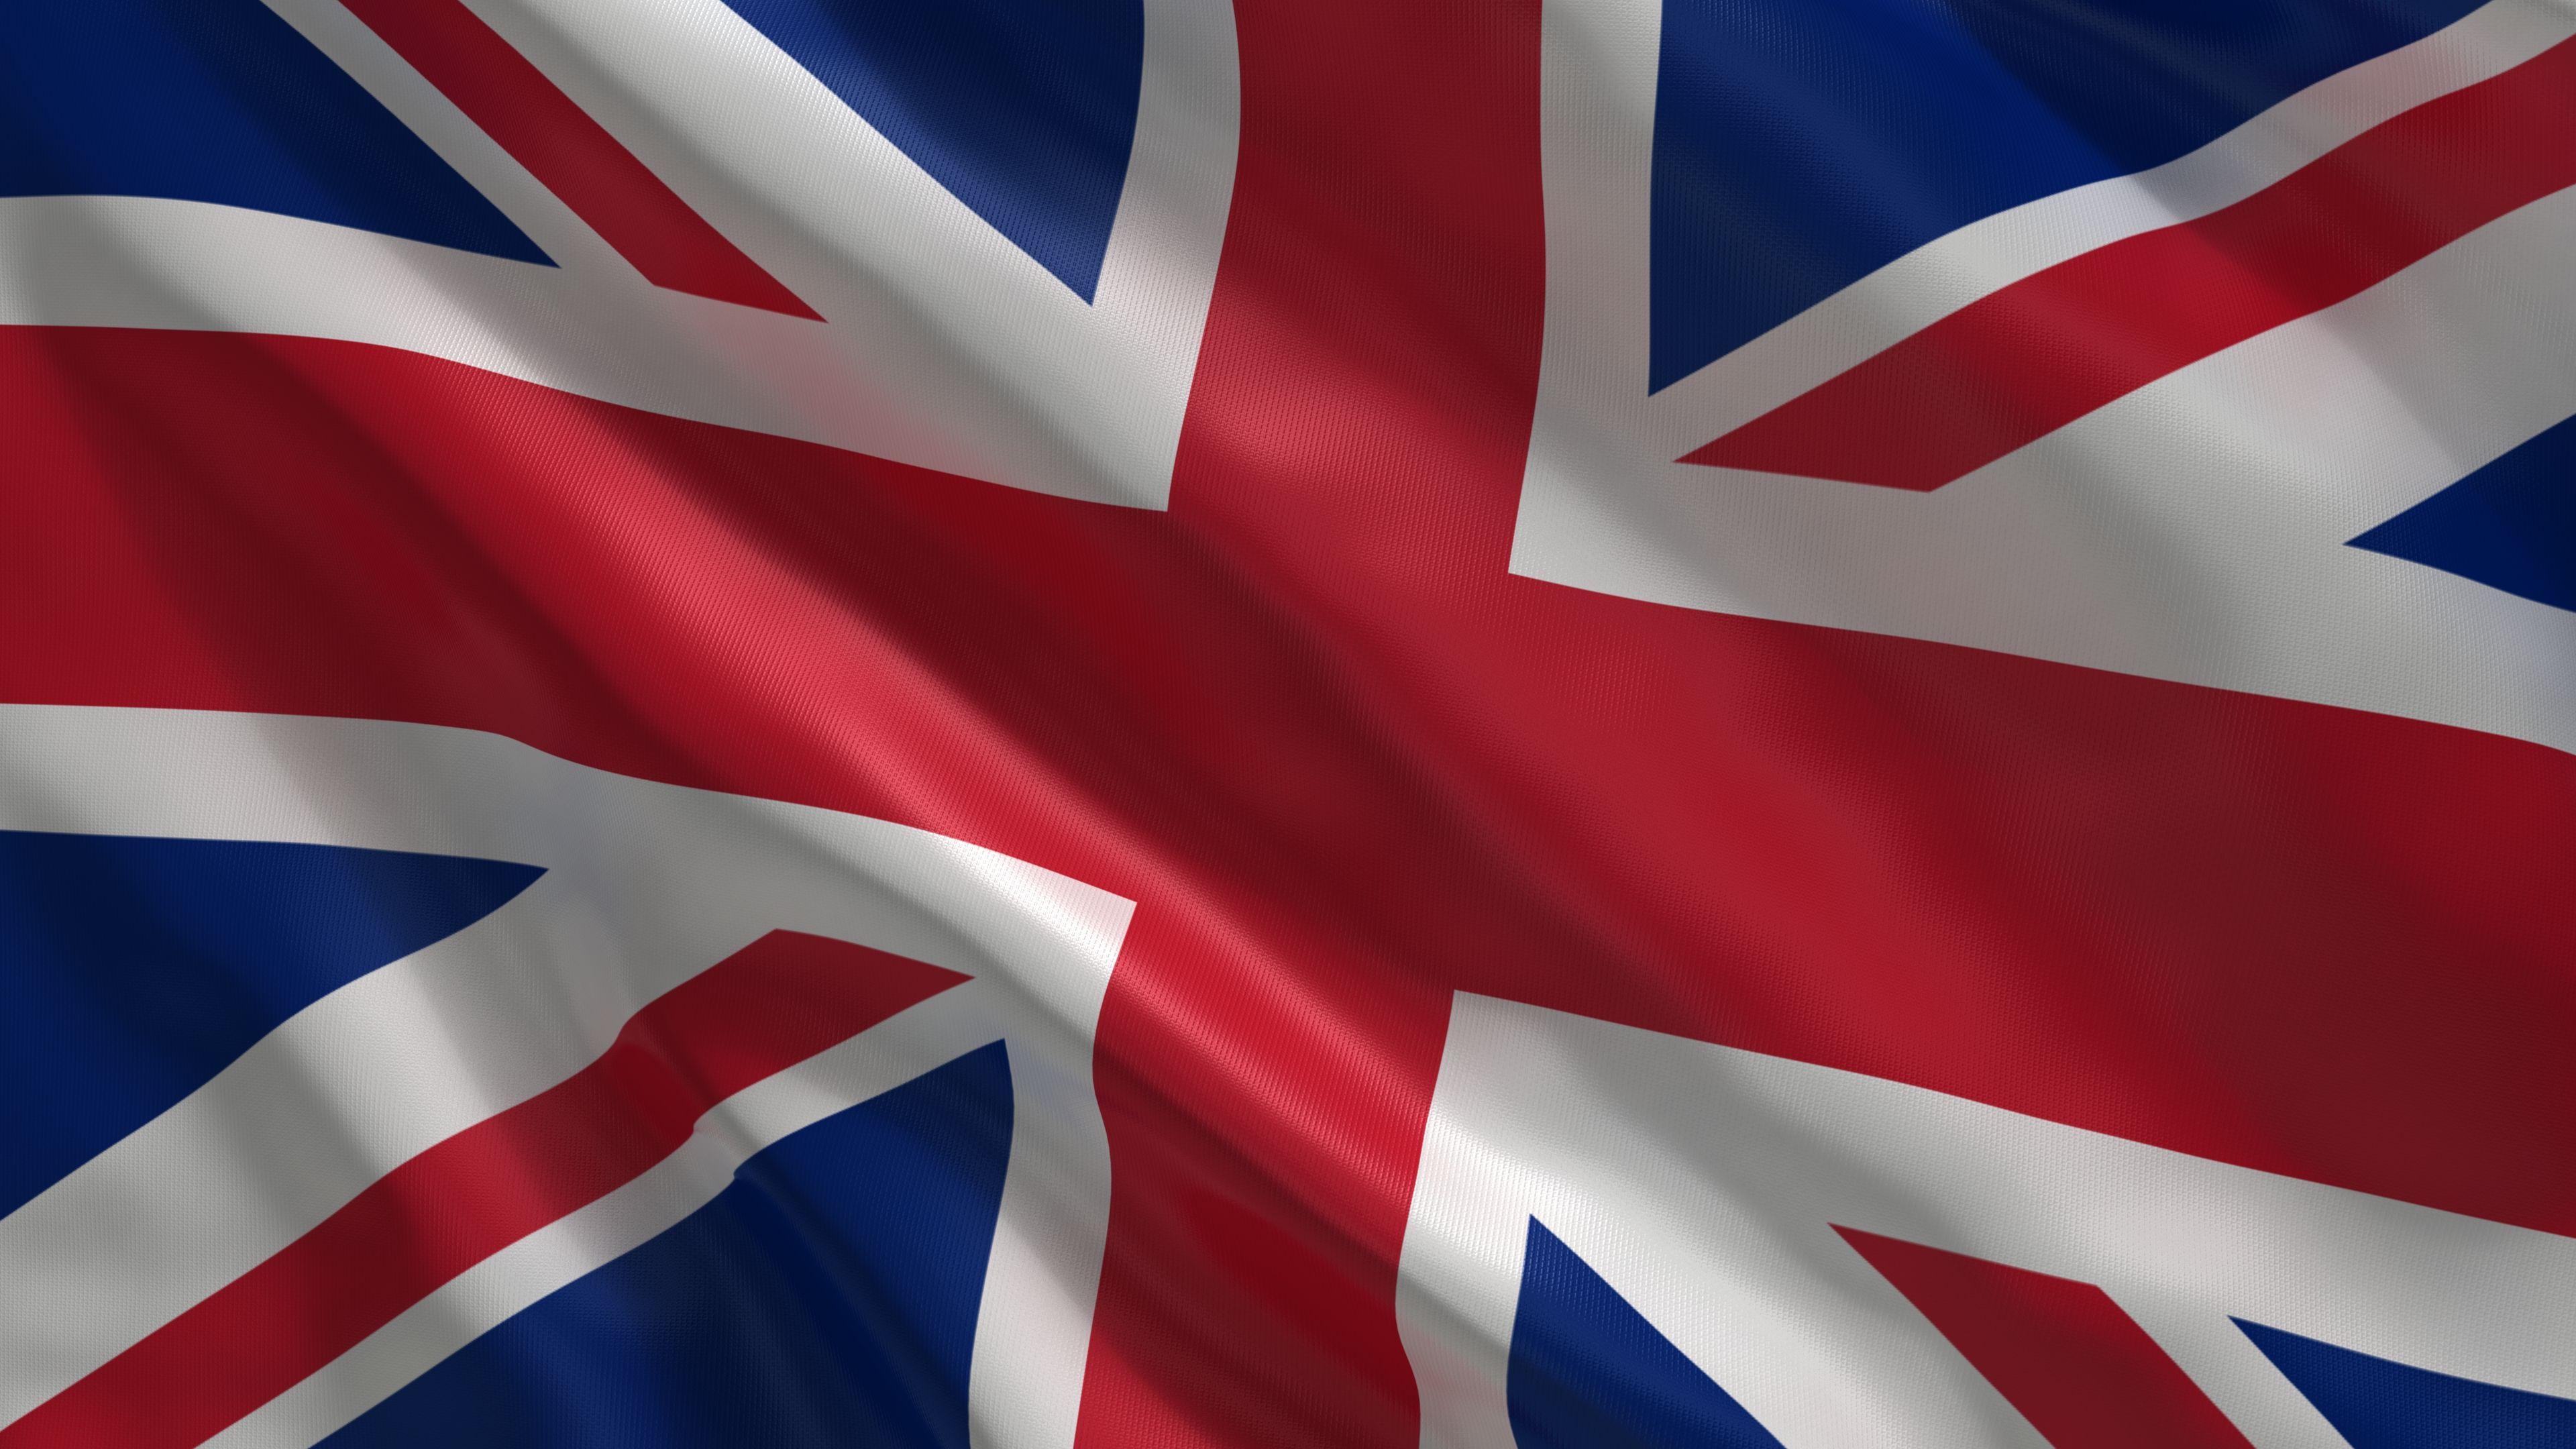 Bandera De Inglaterra Wallpaper  Buscar Con Google - Bandera